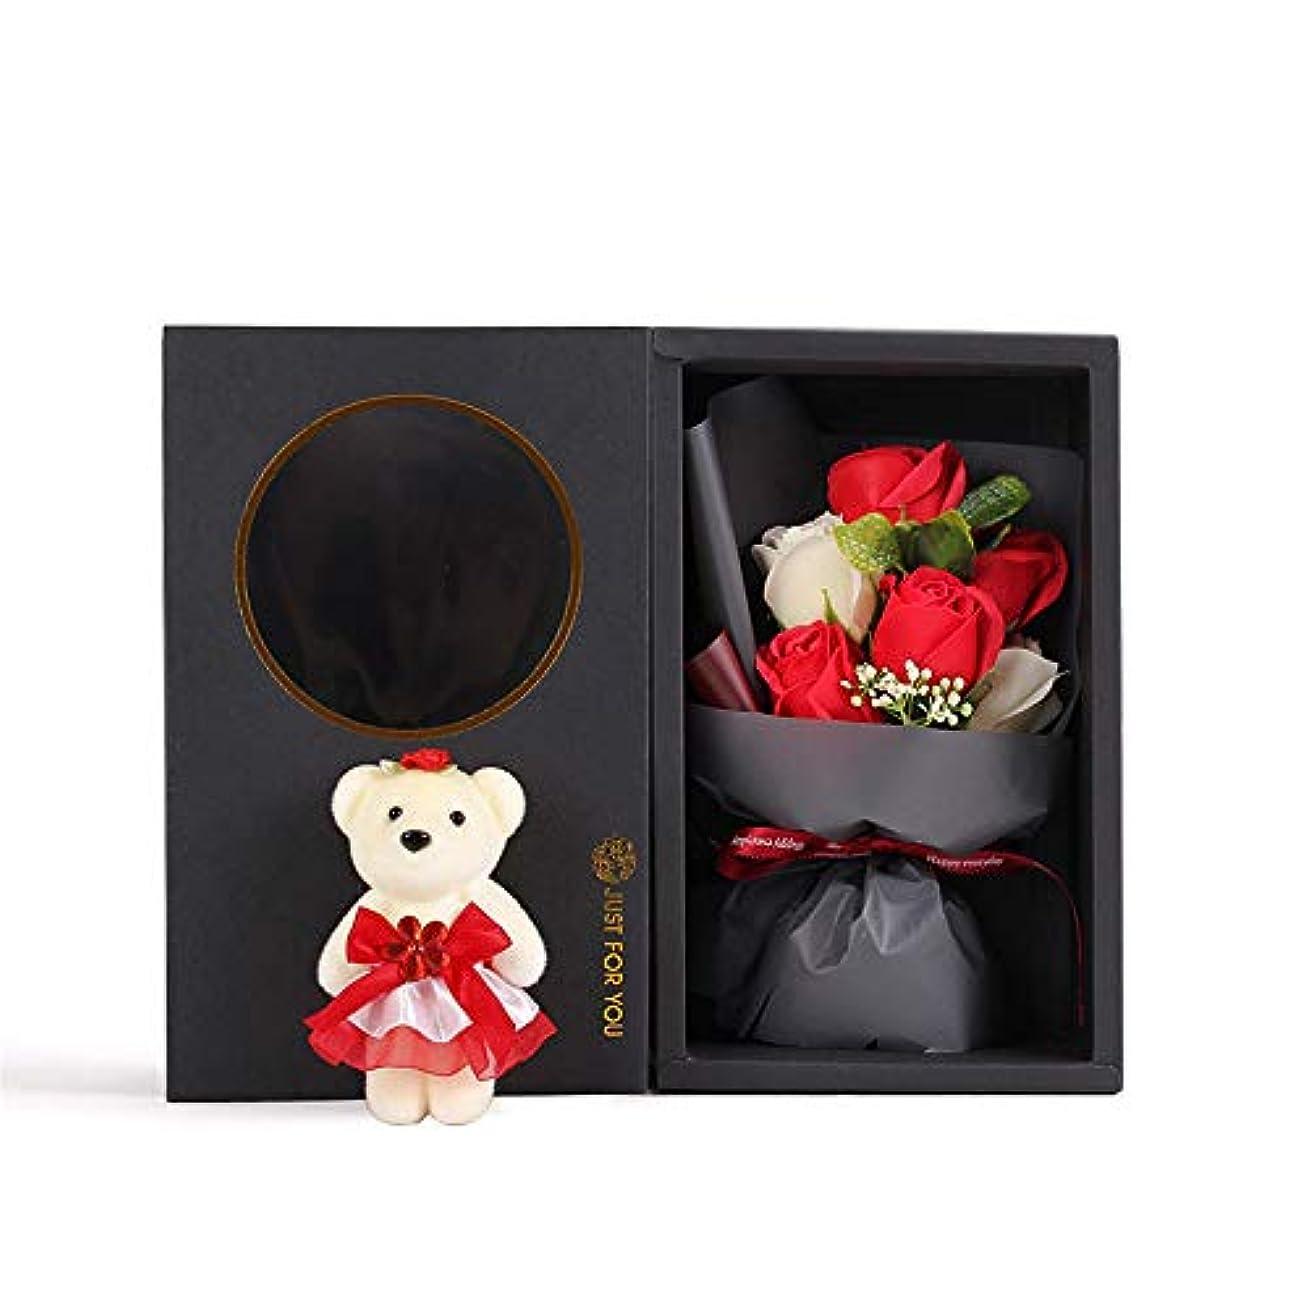 謙虚なプラグ落ち込んでいる手作り6石鹸花の花束ギフトボックス、女性のためのギフトあなたがバレンタインデー、母の日、結婚式、クリスマス、誕生日を愛した女の子(ベアカラーランダム) (色 : 赤)